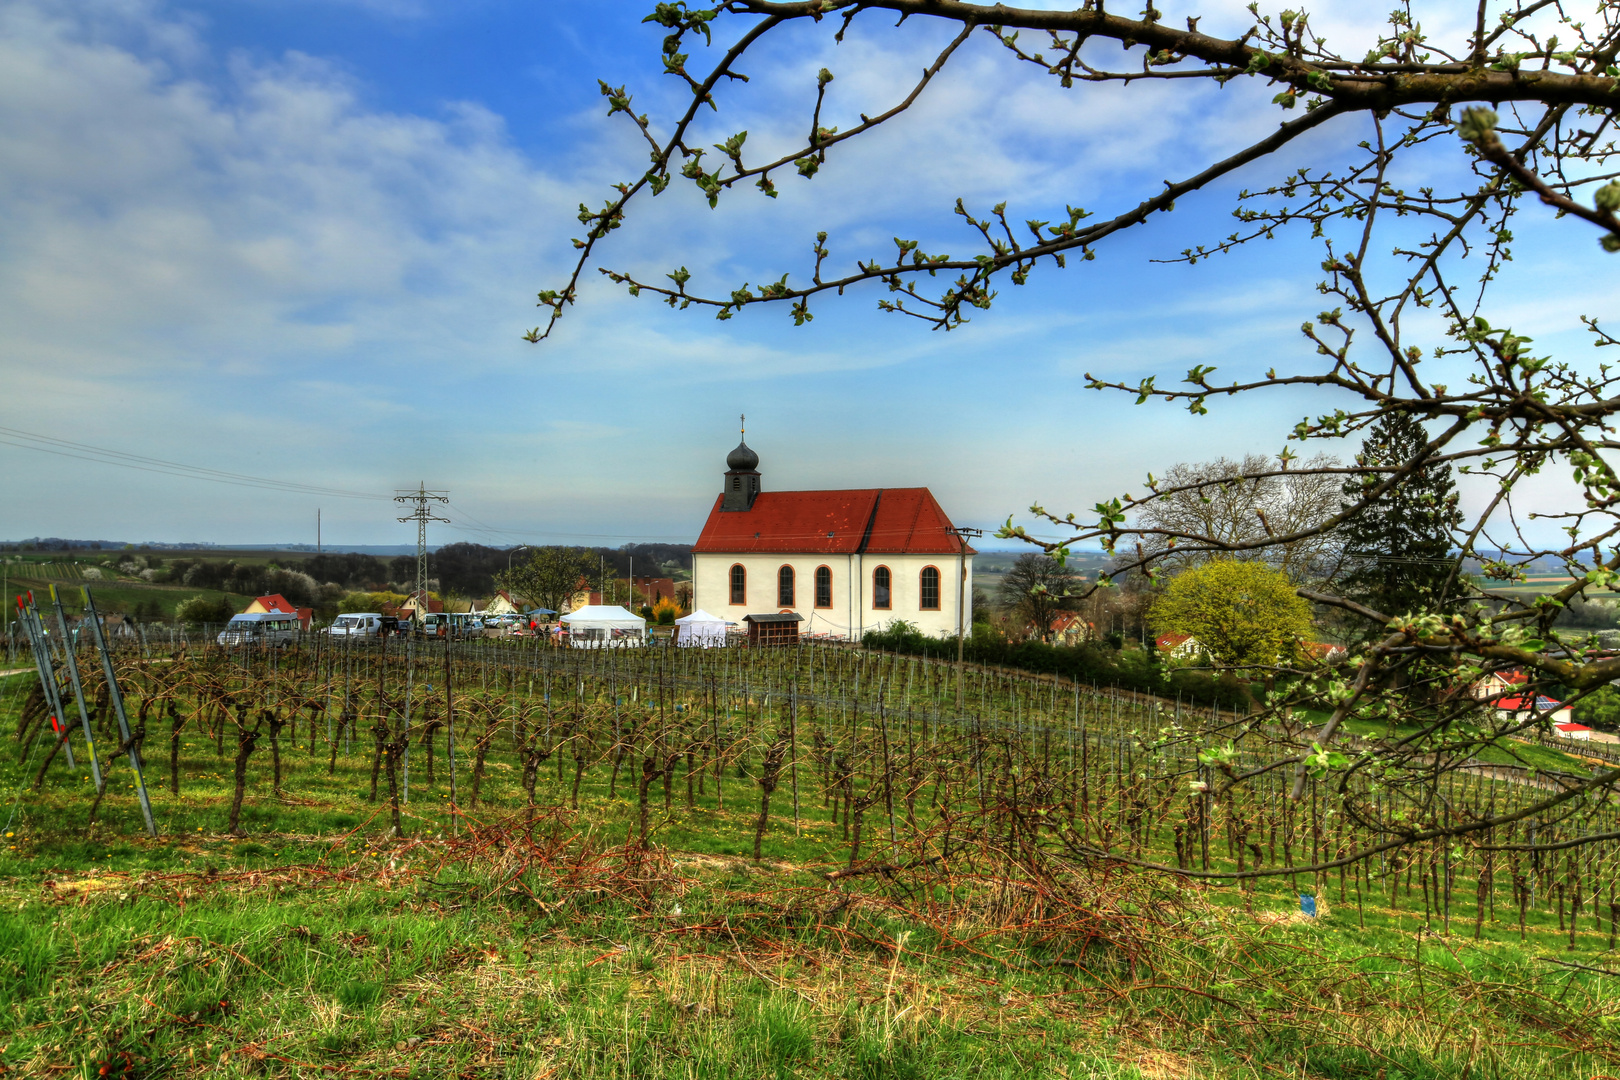 Gleiszellen.Gleishorbach / Dionysius Kapelle